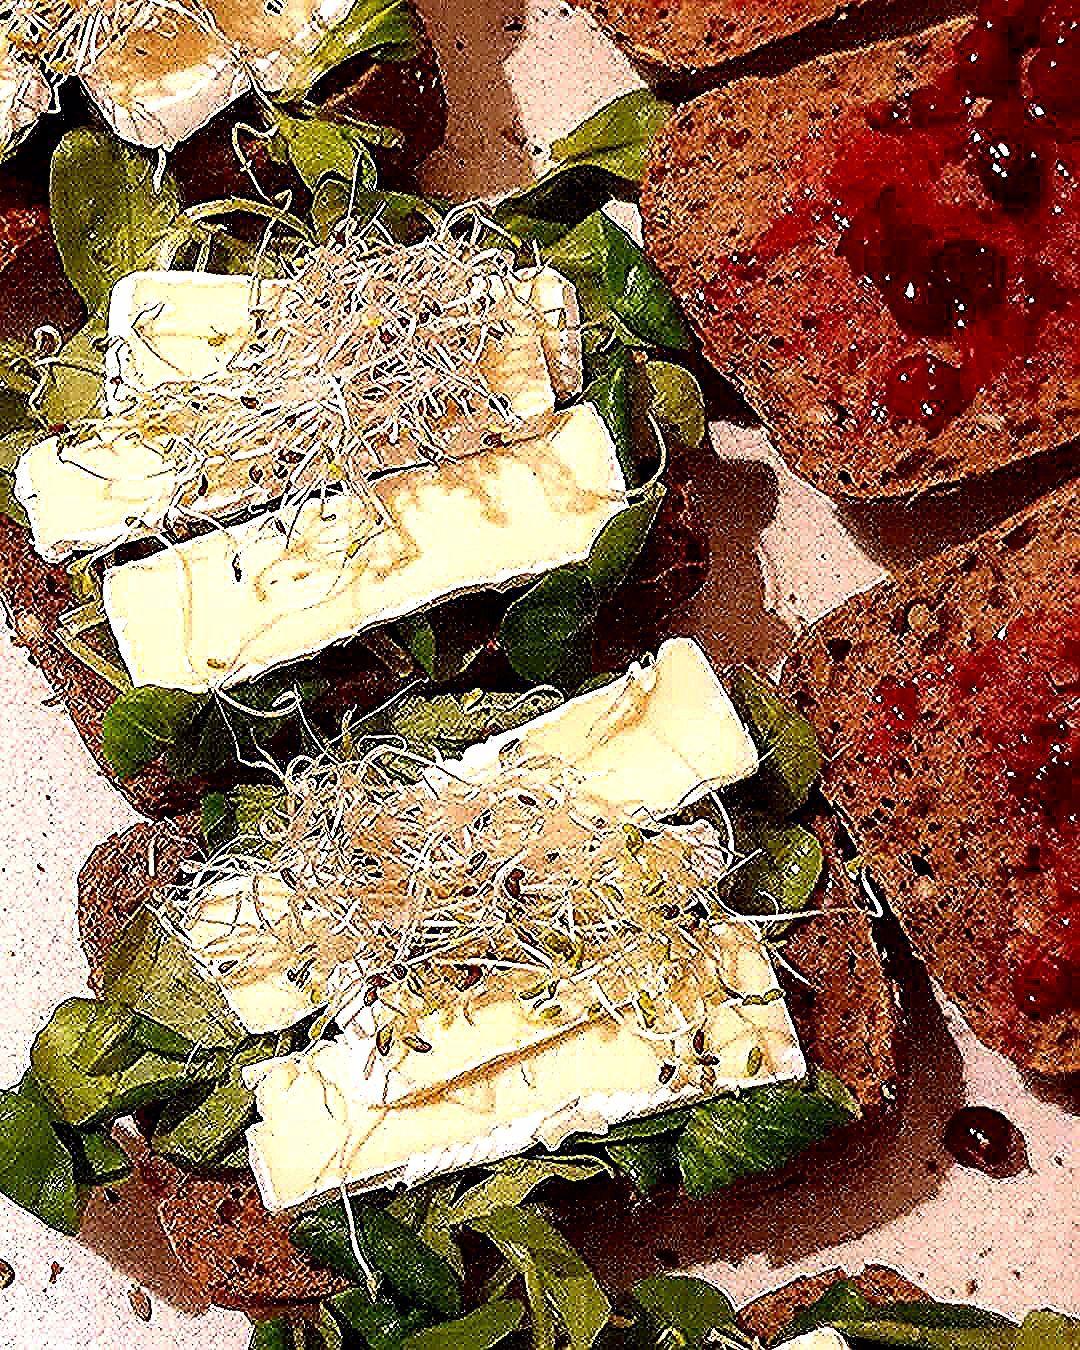 Oh camembert... ;-) #panlancz #kanapki #breakfast #sniadanie #kanapkilove #fit #sandwich #kanapkizserem #kanapkizjajkiem #pomidor #kanapkiwiosenne #fingerfood #instafood #nadodrze #sniadaniemistrzow #healthyfood #sandwiches #healthy #zdrowejedzenie #kolacja #kanapka #jajka #czystamicha #zdrowo #goodmorning #zdrowesniadanie #jajko #spring #frühstück #ogórek